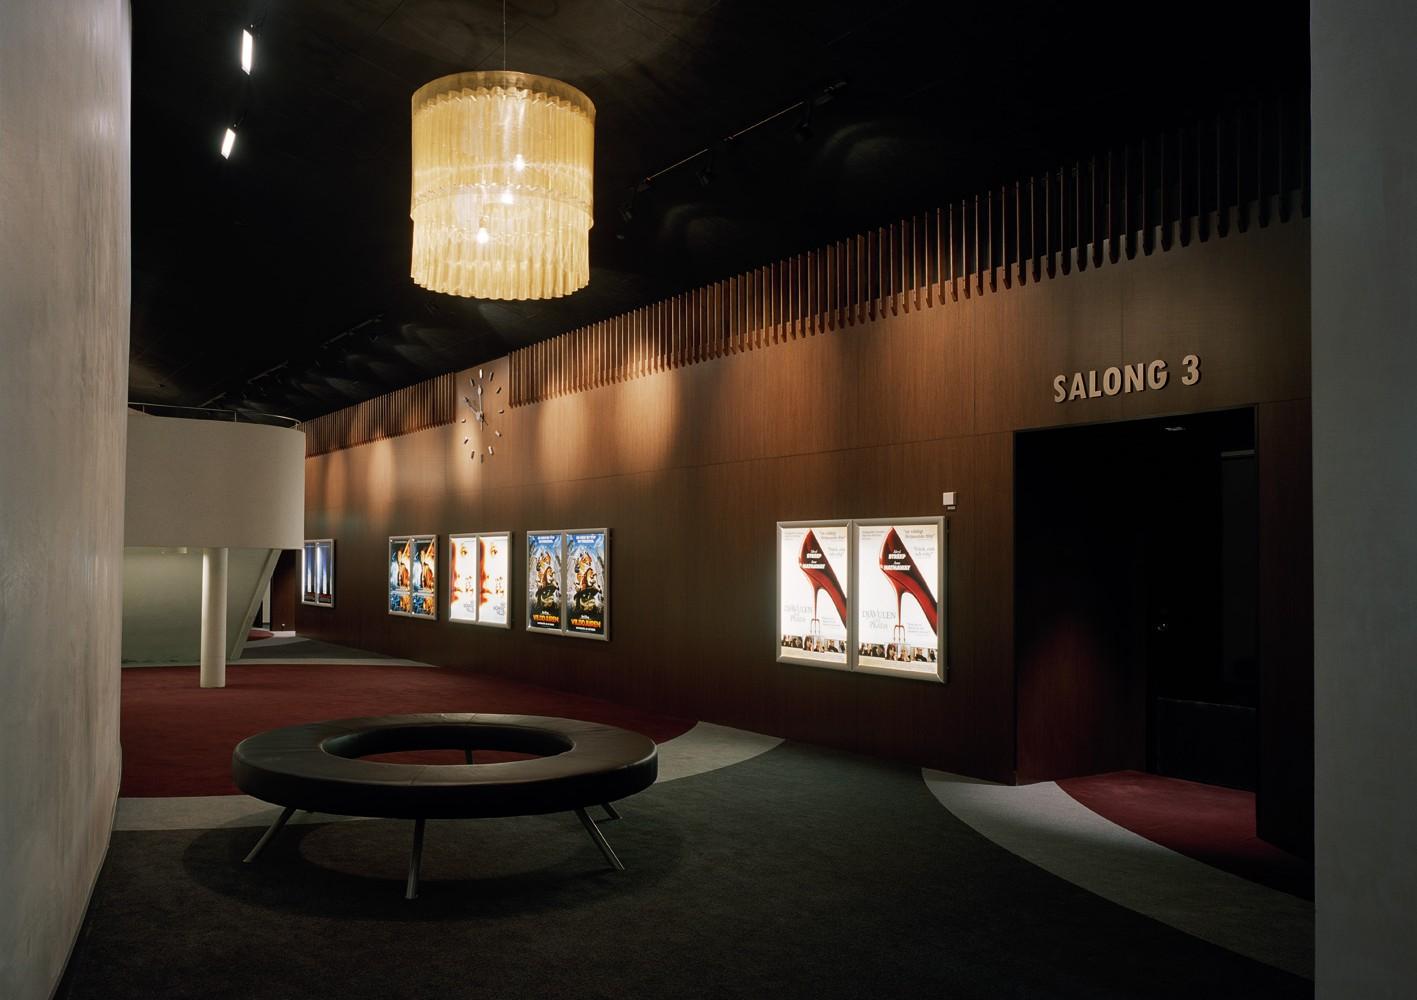 retail_filmstaden-vallingby_12-1417x1000.jpg